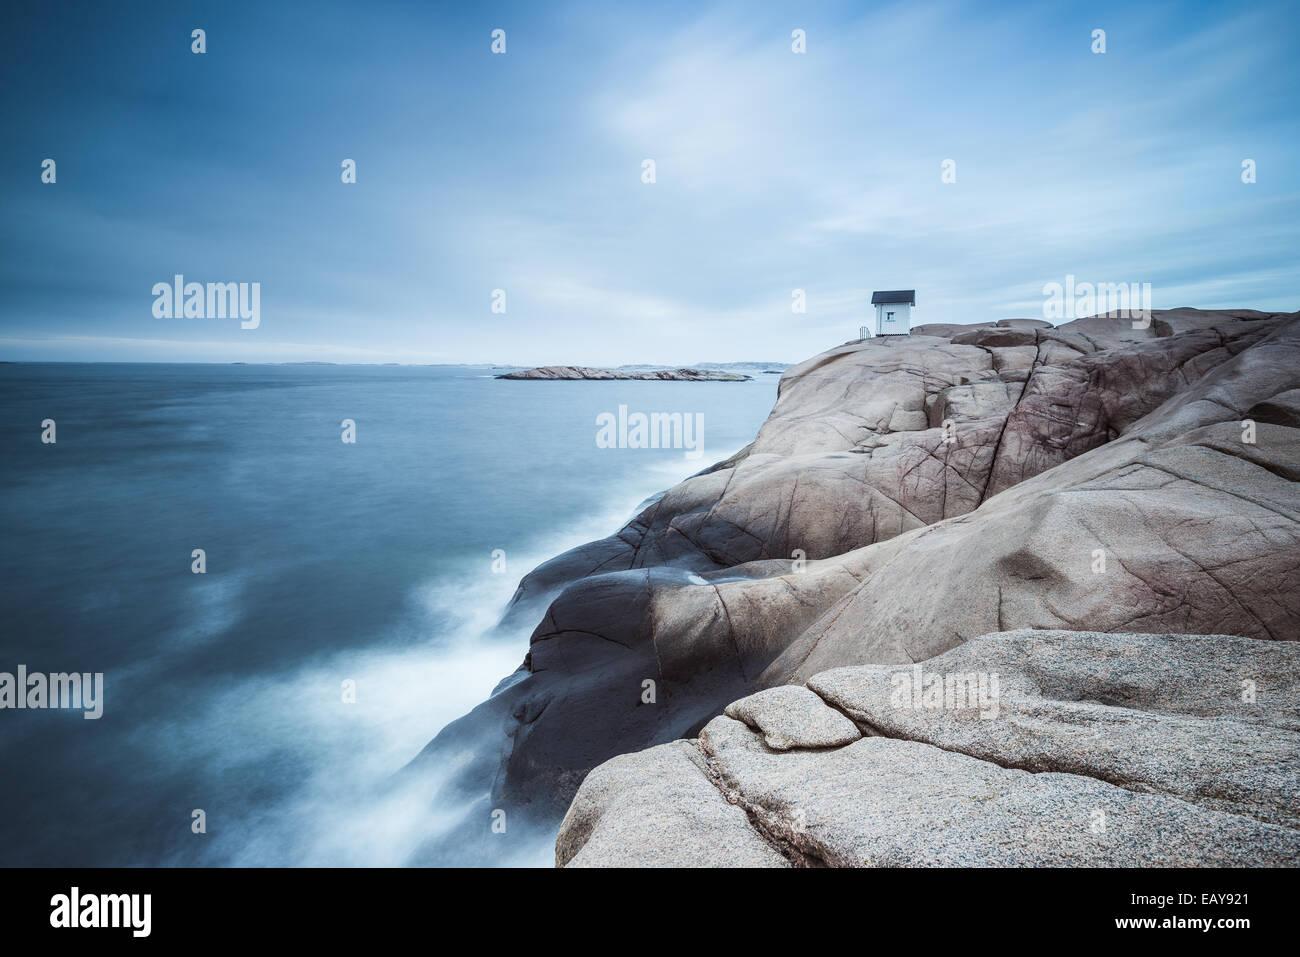 Cabina sulla scogliera vicino al mare con drammatica sky Immagini Stock